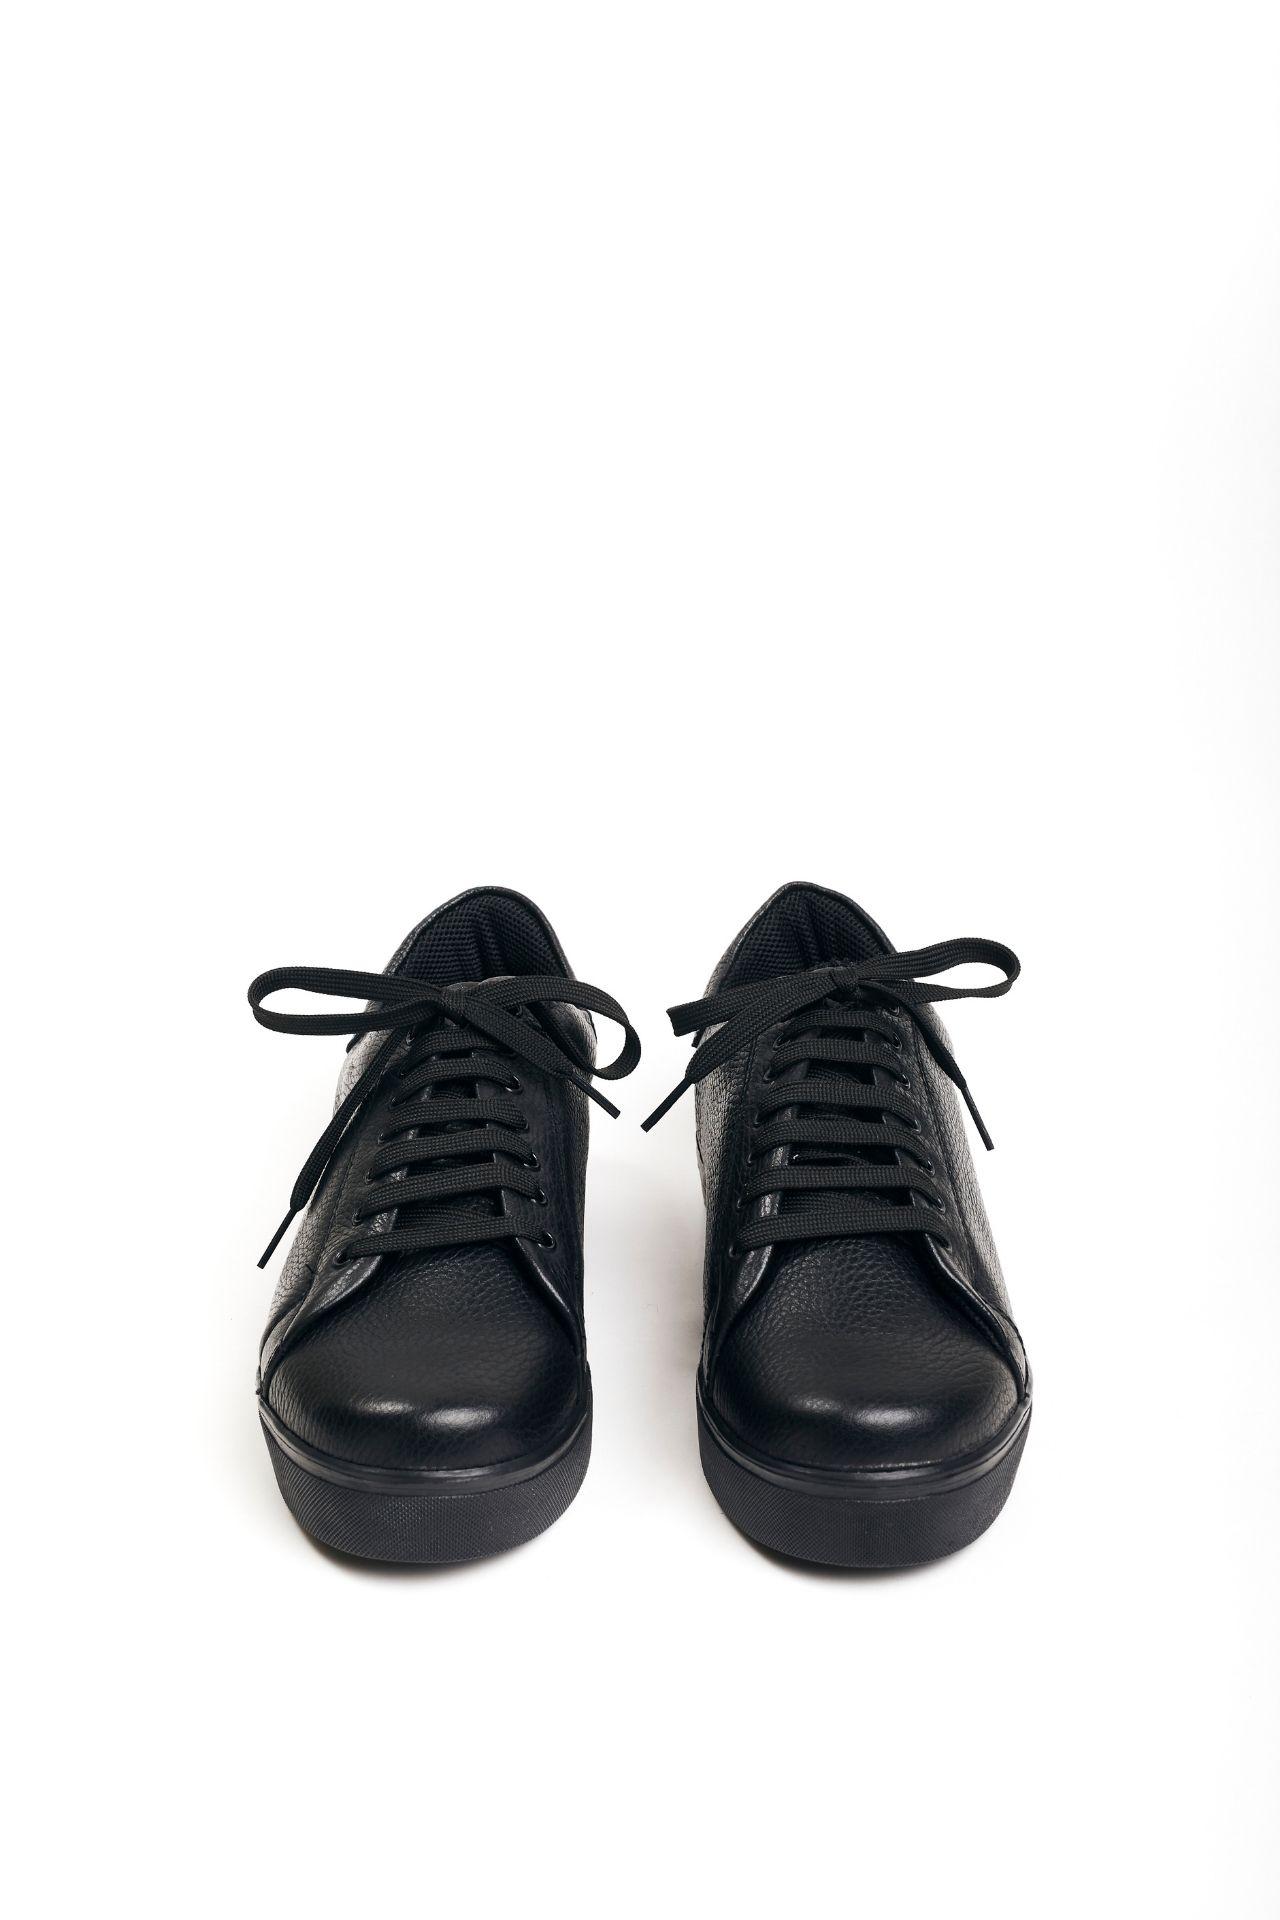 *Entrega en 7 días útiles.  Sneakers de cuero negro  CAPELLADA: CUERO NATURAL / FORRO: TELA